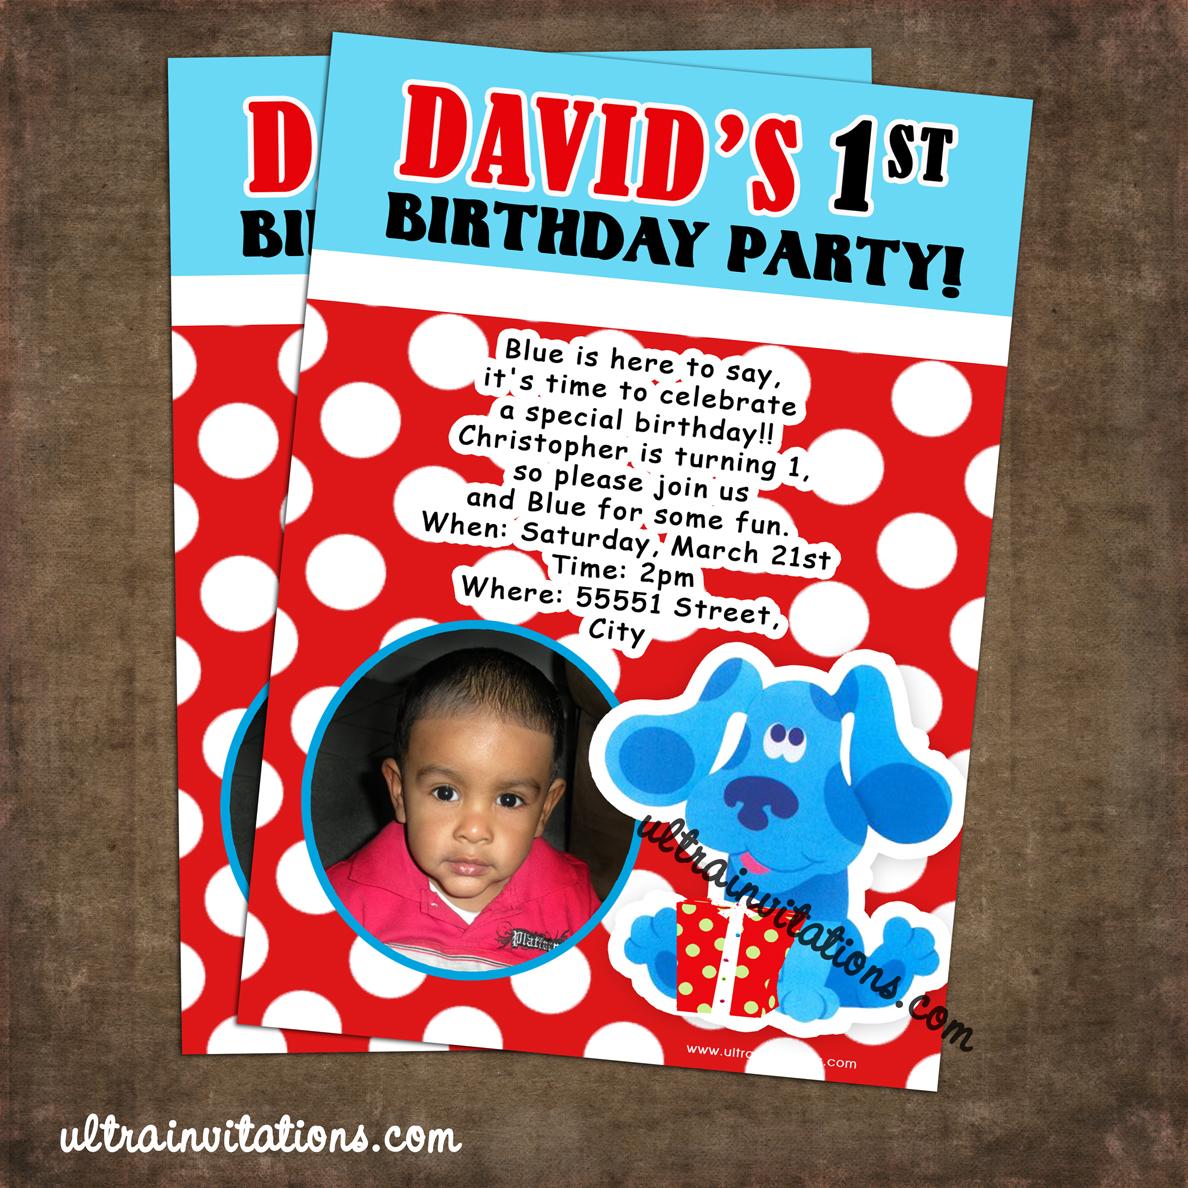 ultra invitations  blues clues invitations birthday photo